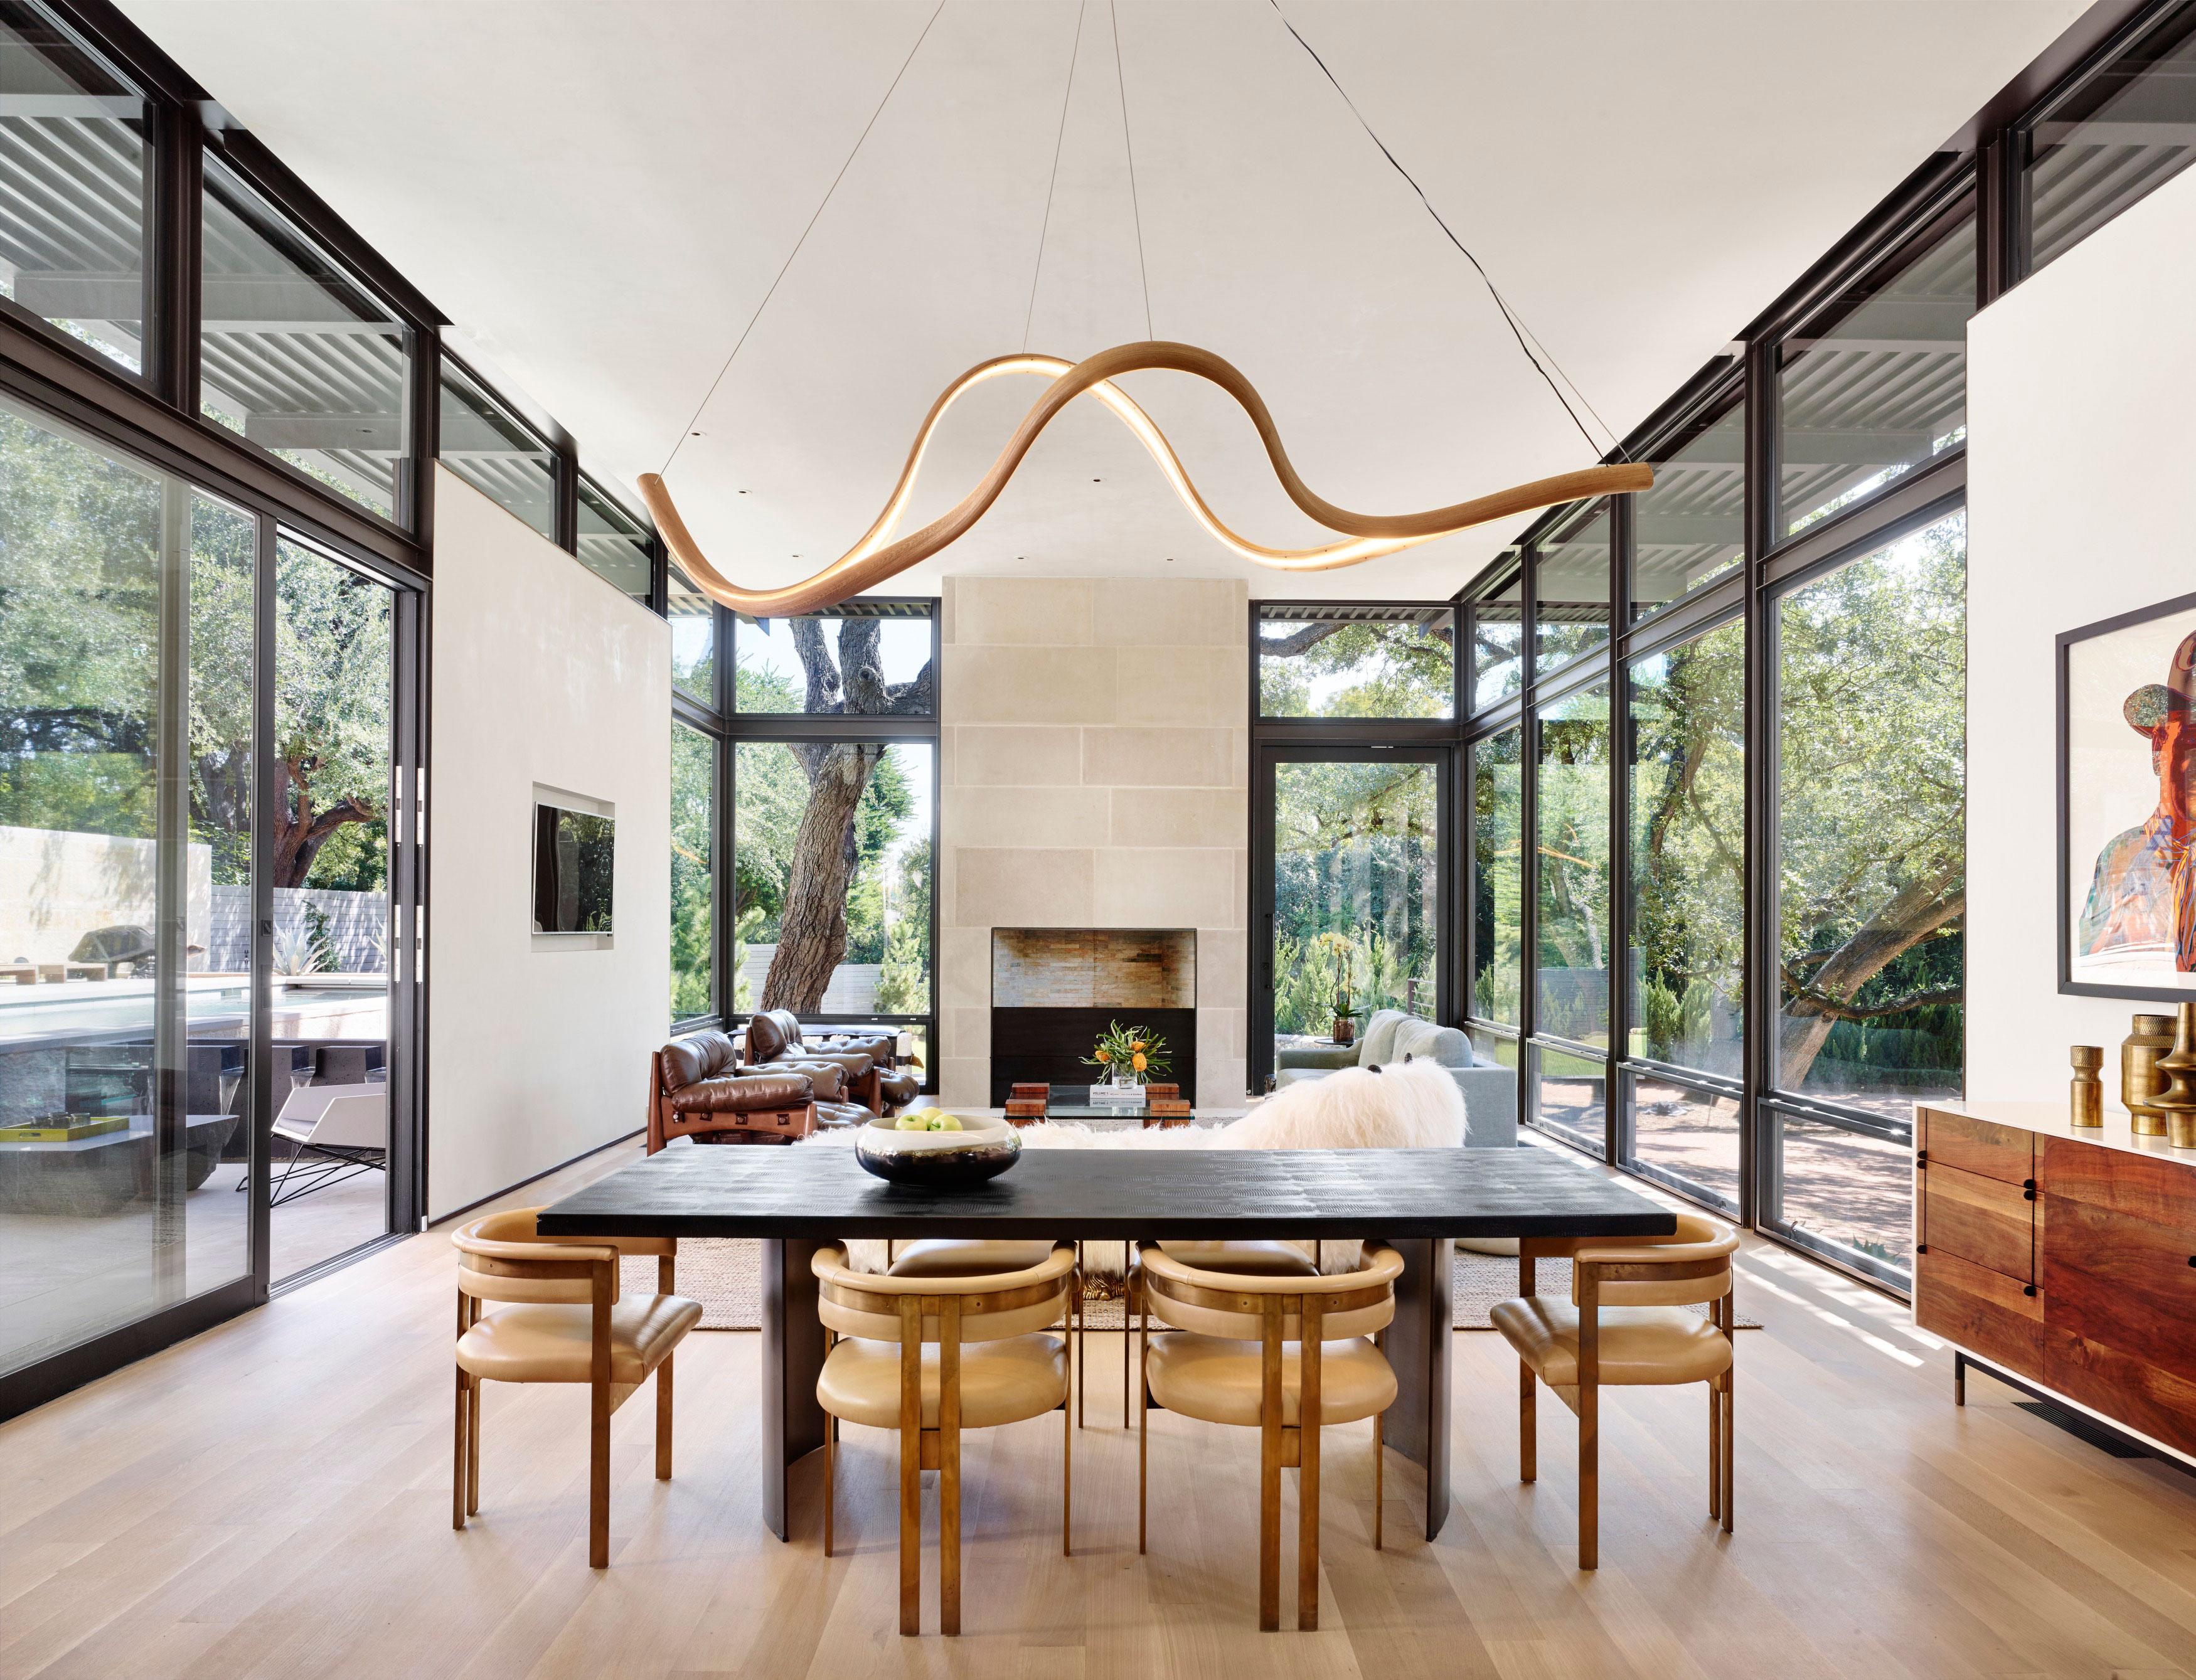 Olmos park residence lake flato - Interior designers san antonio texas ...